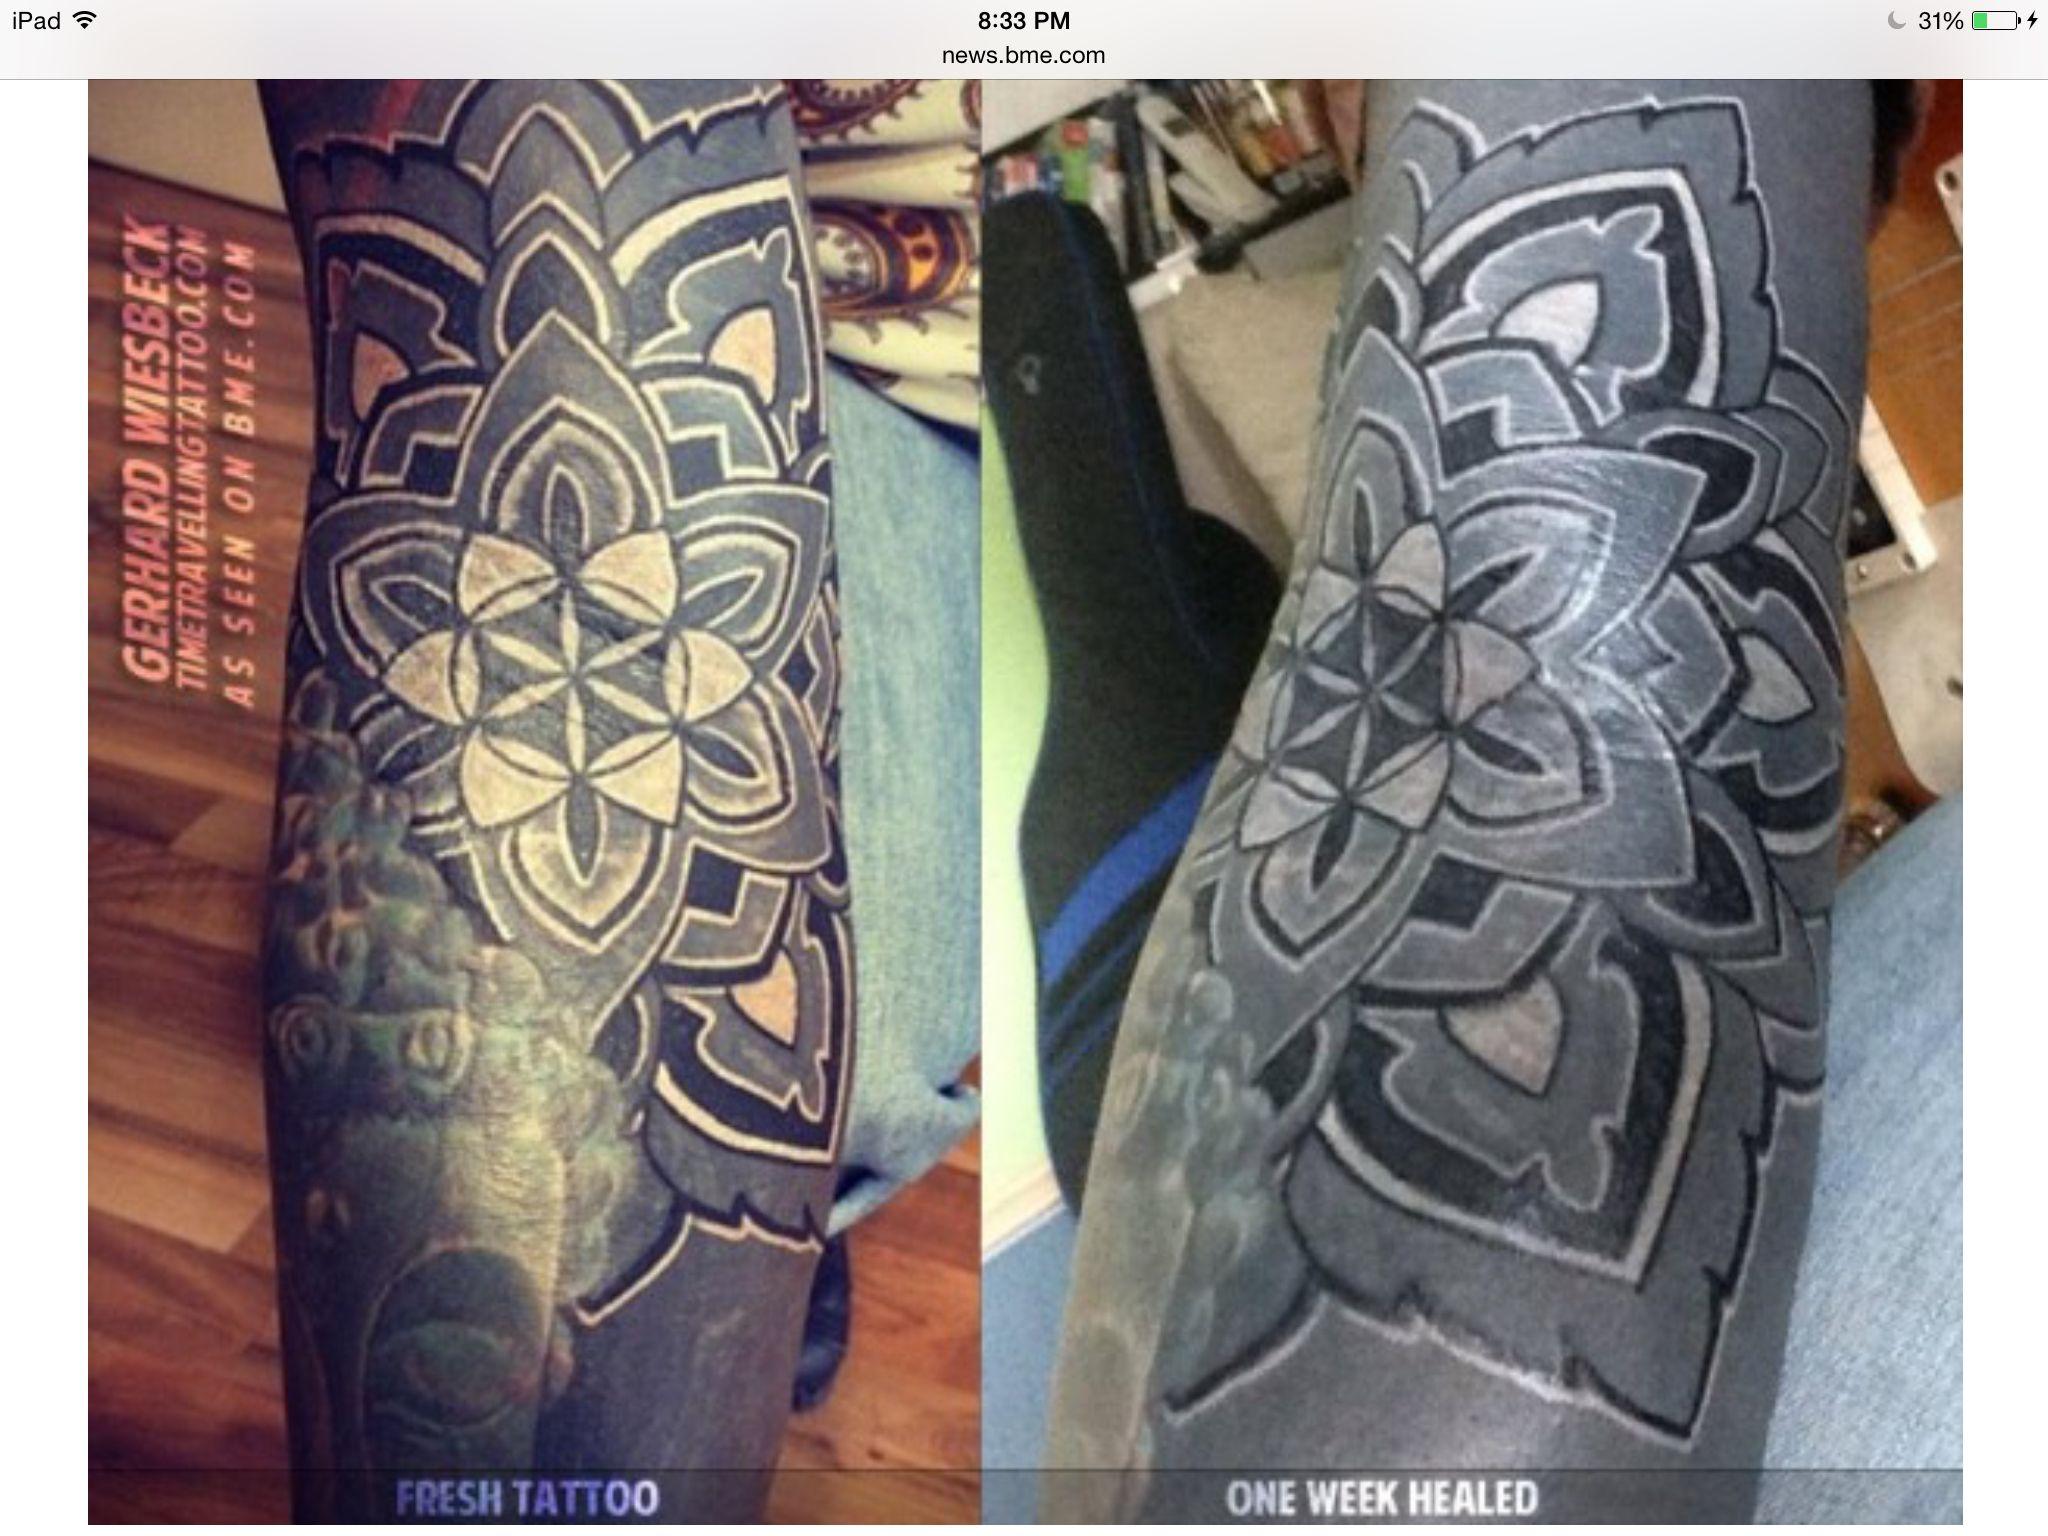 White Over Black Ink Gerhard Wiesbeck Timetravellingtattoo Com Black White Tattoos Tattoos Black Ink Tattoos